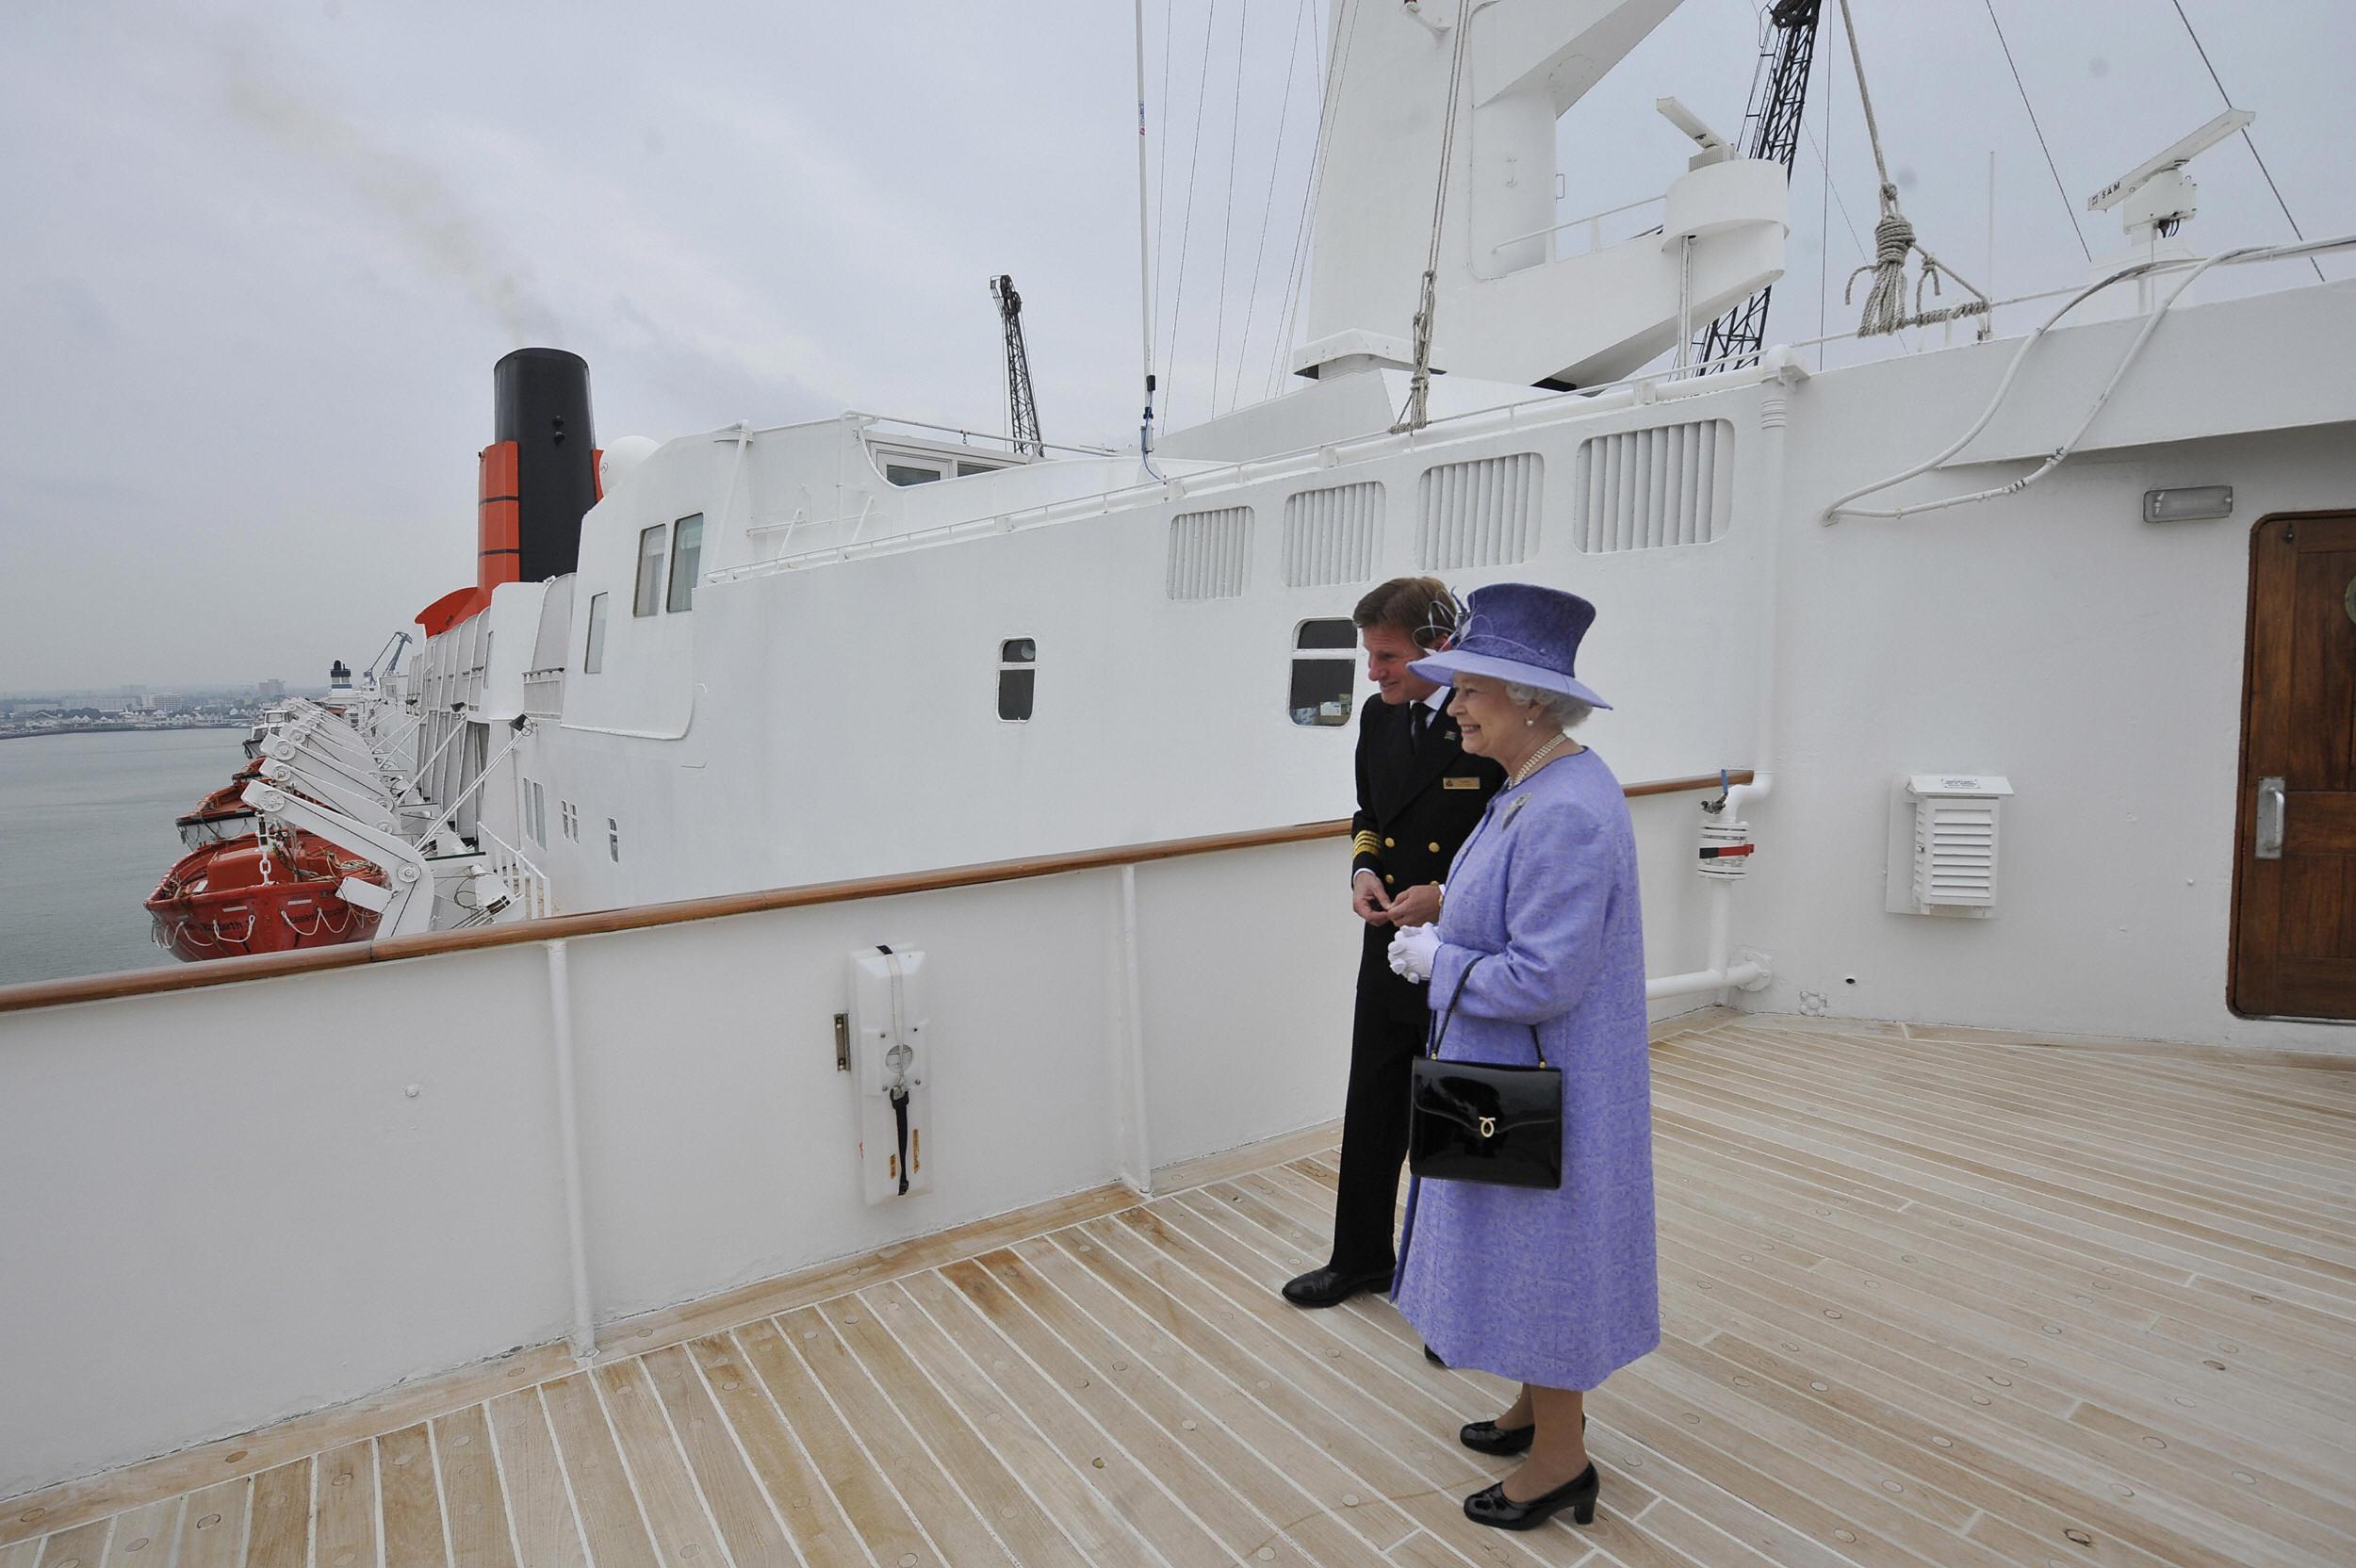 Britain's Queen Elizabeth II (R) is pictured during her visit of the Queen Elizabeth 2